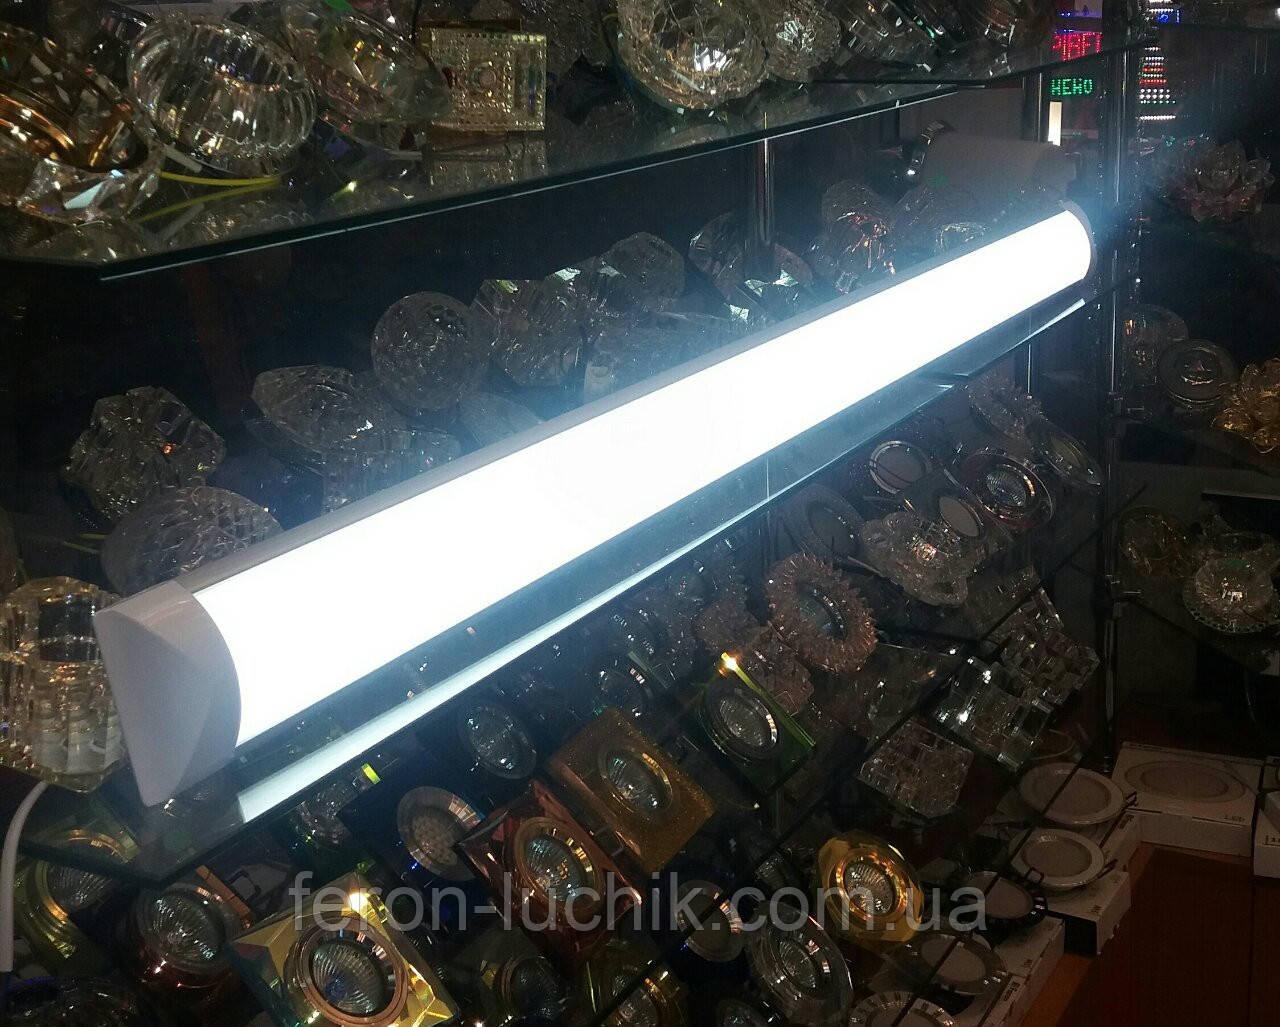 Светильник светодиодный 36W 1200мм линейный плазма на 2 полосы HOROZ 4200К, 6400К LED IP20 (аналог ЛПО 2*36)